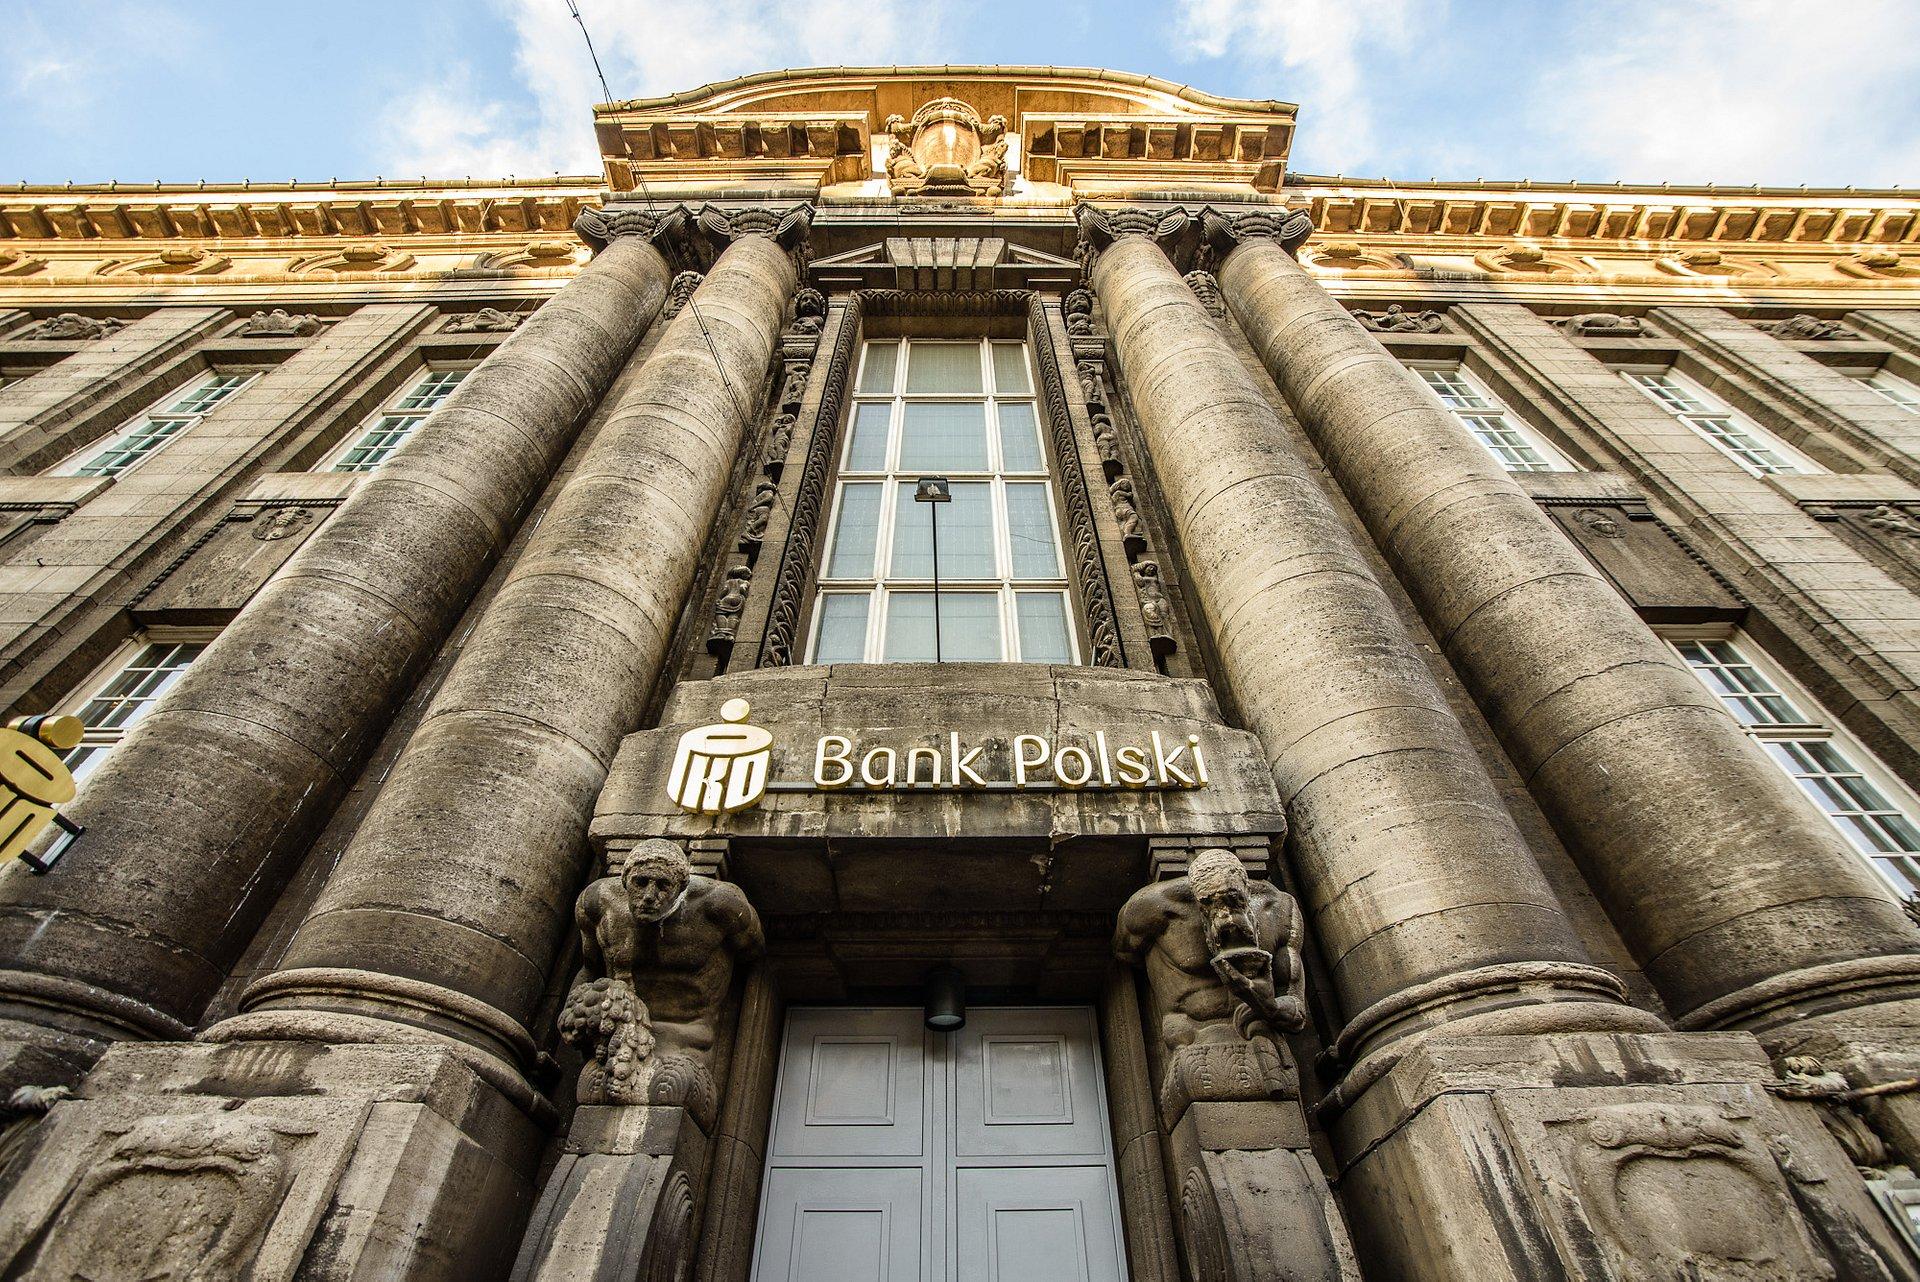 Zysk 15% w skali roku na zakończonej lokacie strukturyzowanej w PKO Banku Polskim